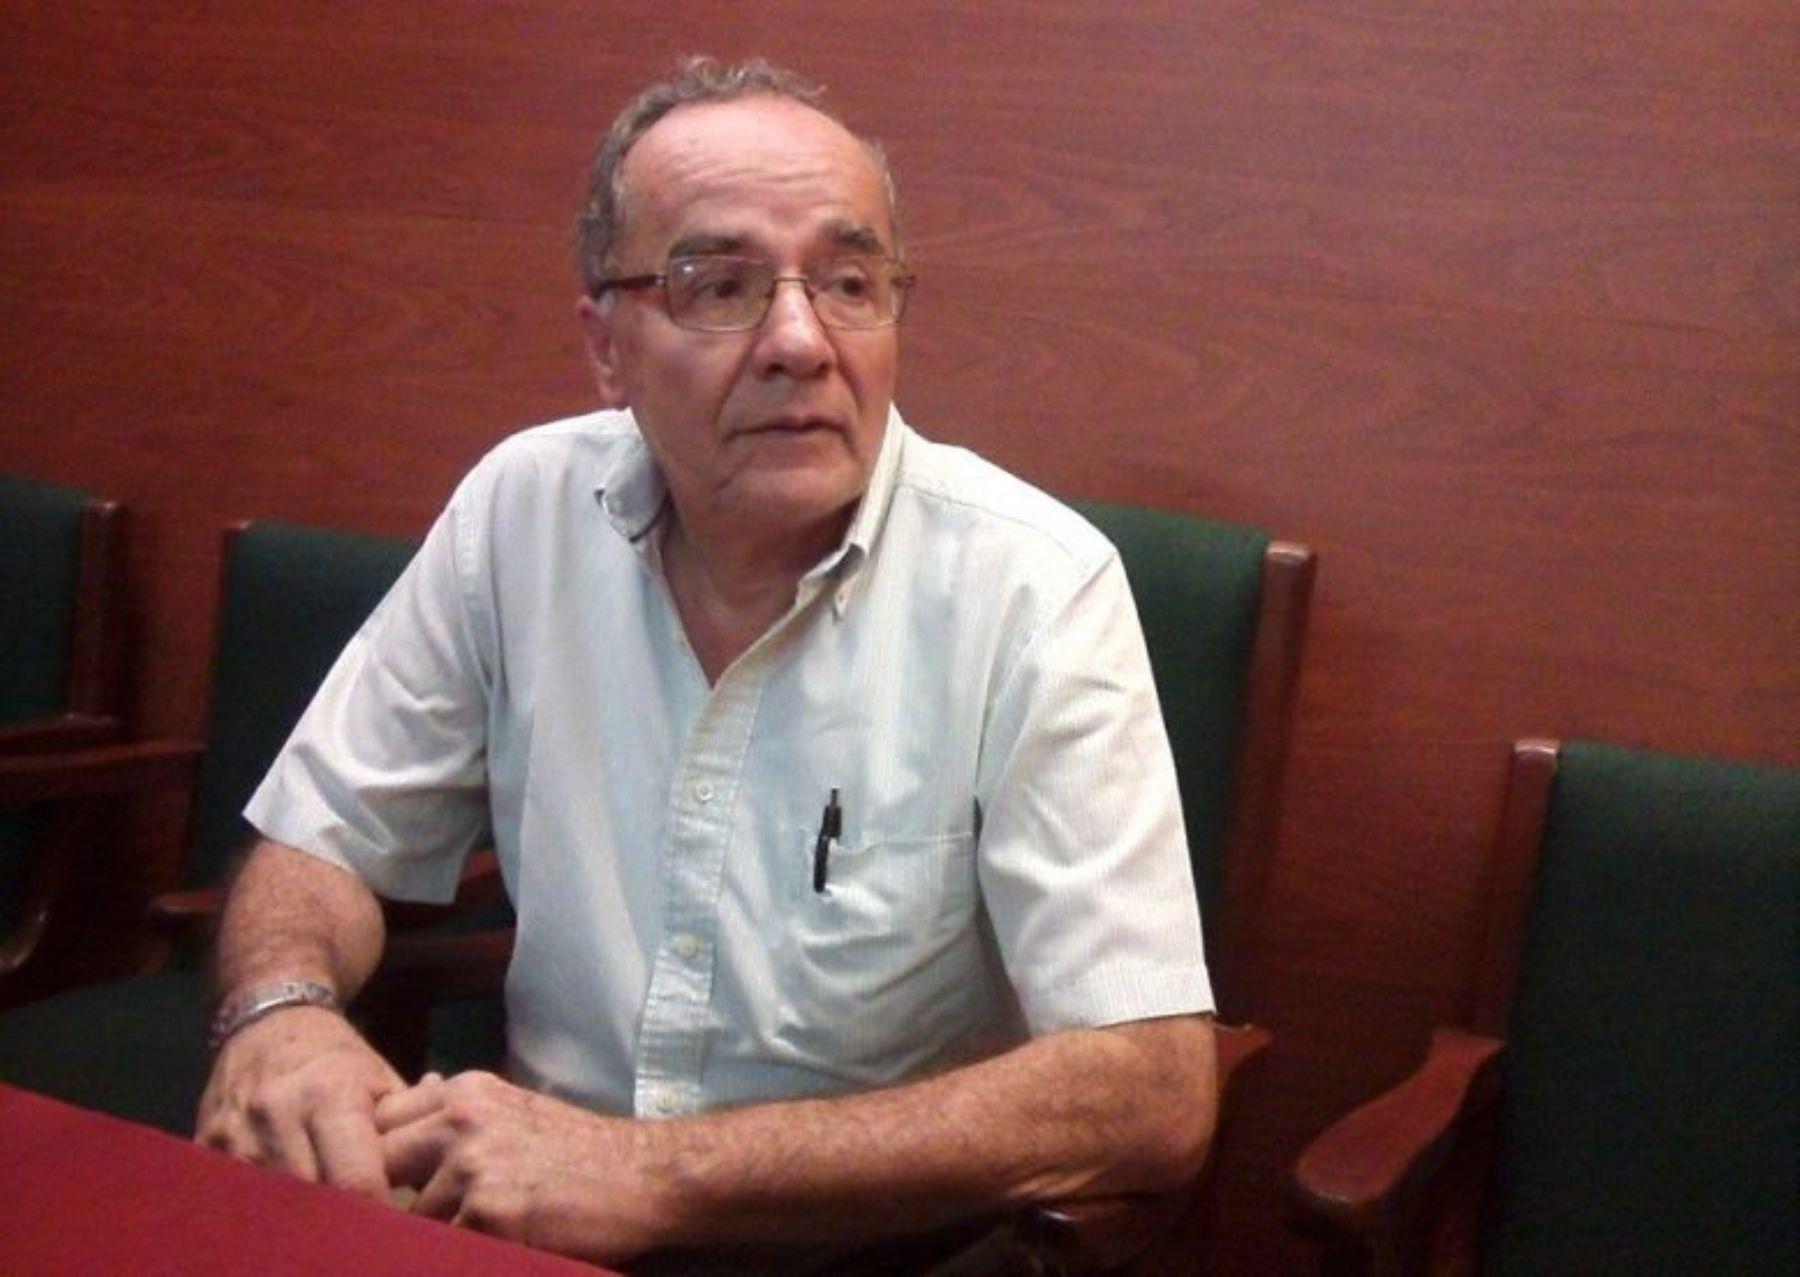 Presidente de la Cámara de Comercio y Producción de la provincia del Santa, Rodolfo León Menéndez.